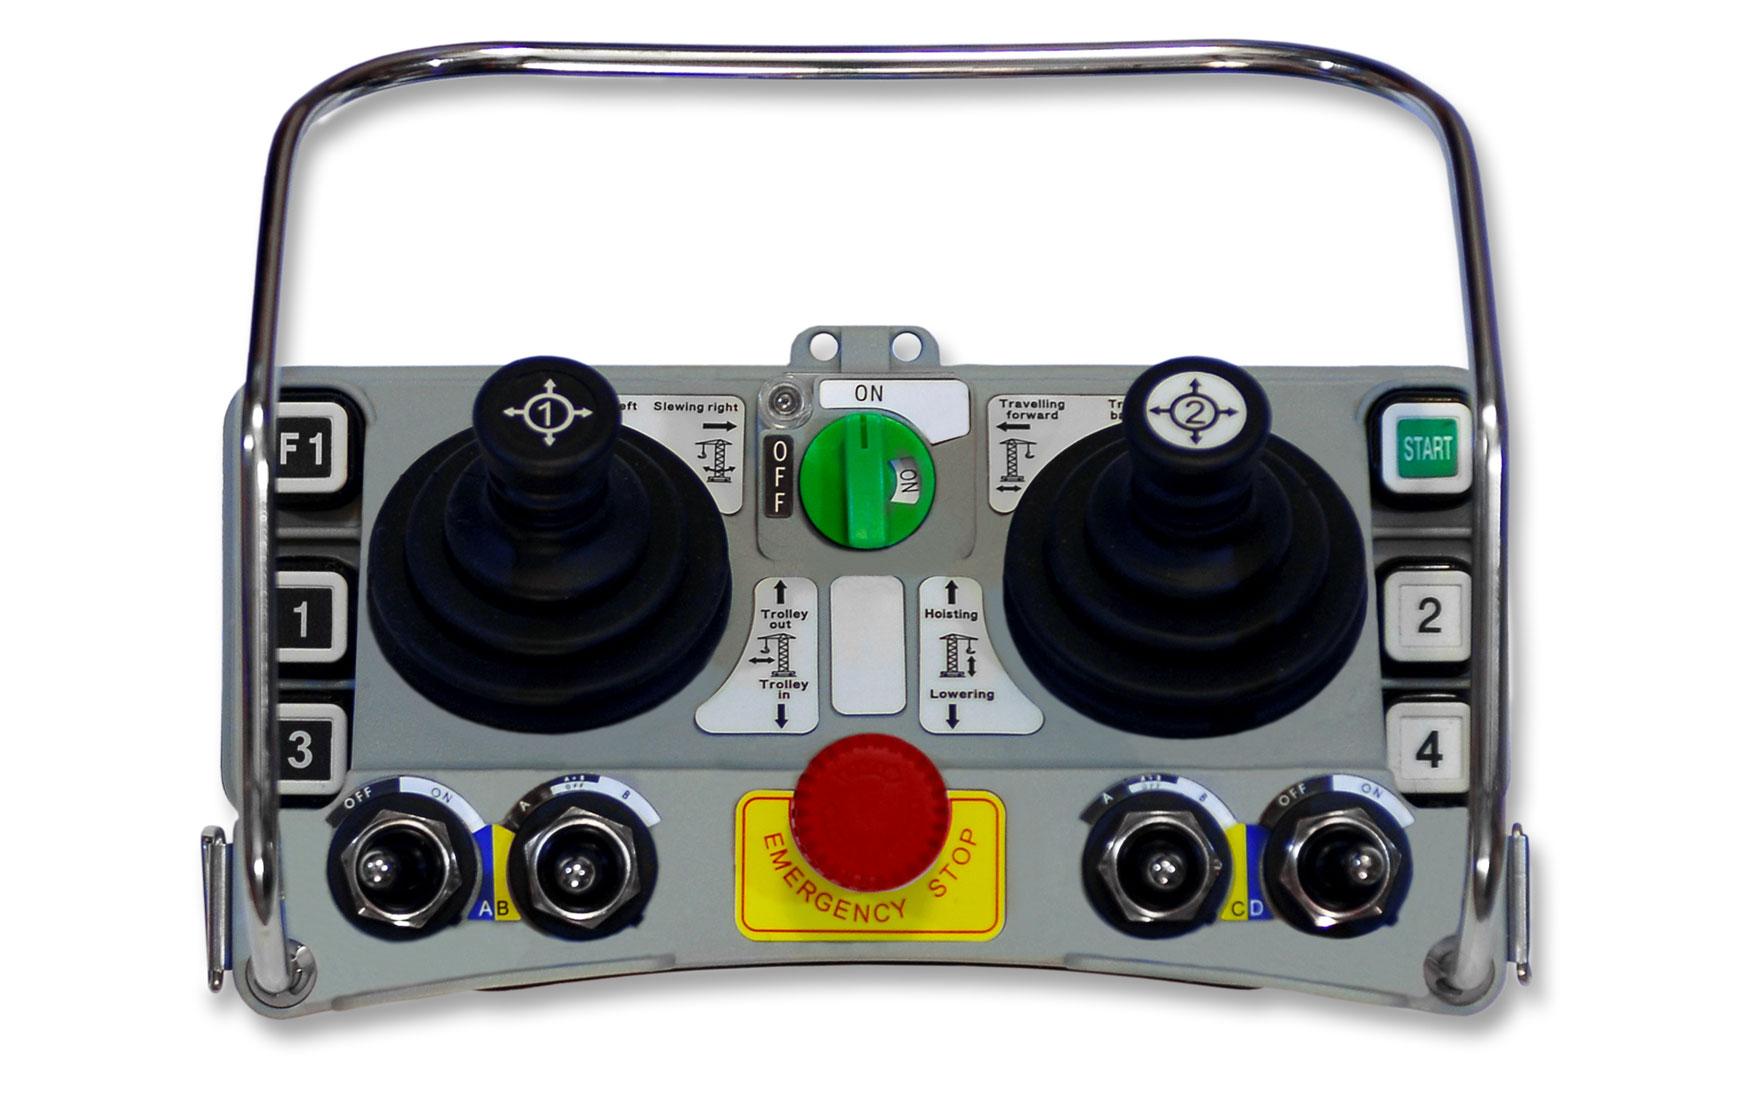 teollisuus-metalliteollisuus-teollisuuden-ohjaimet-radio-ohjaimet-satateras-siltanosturi_2